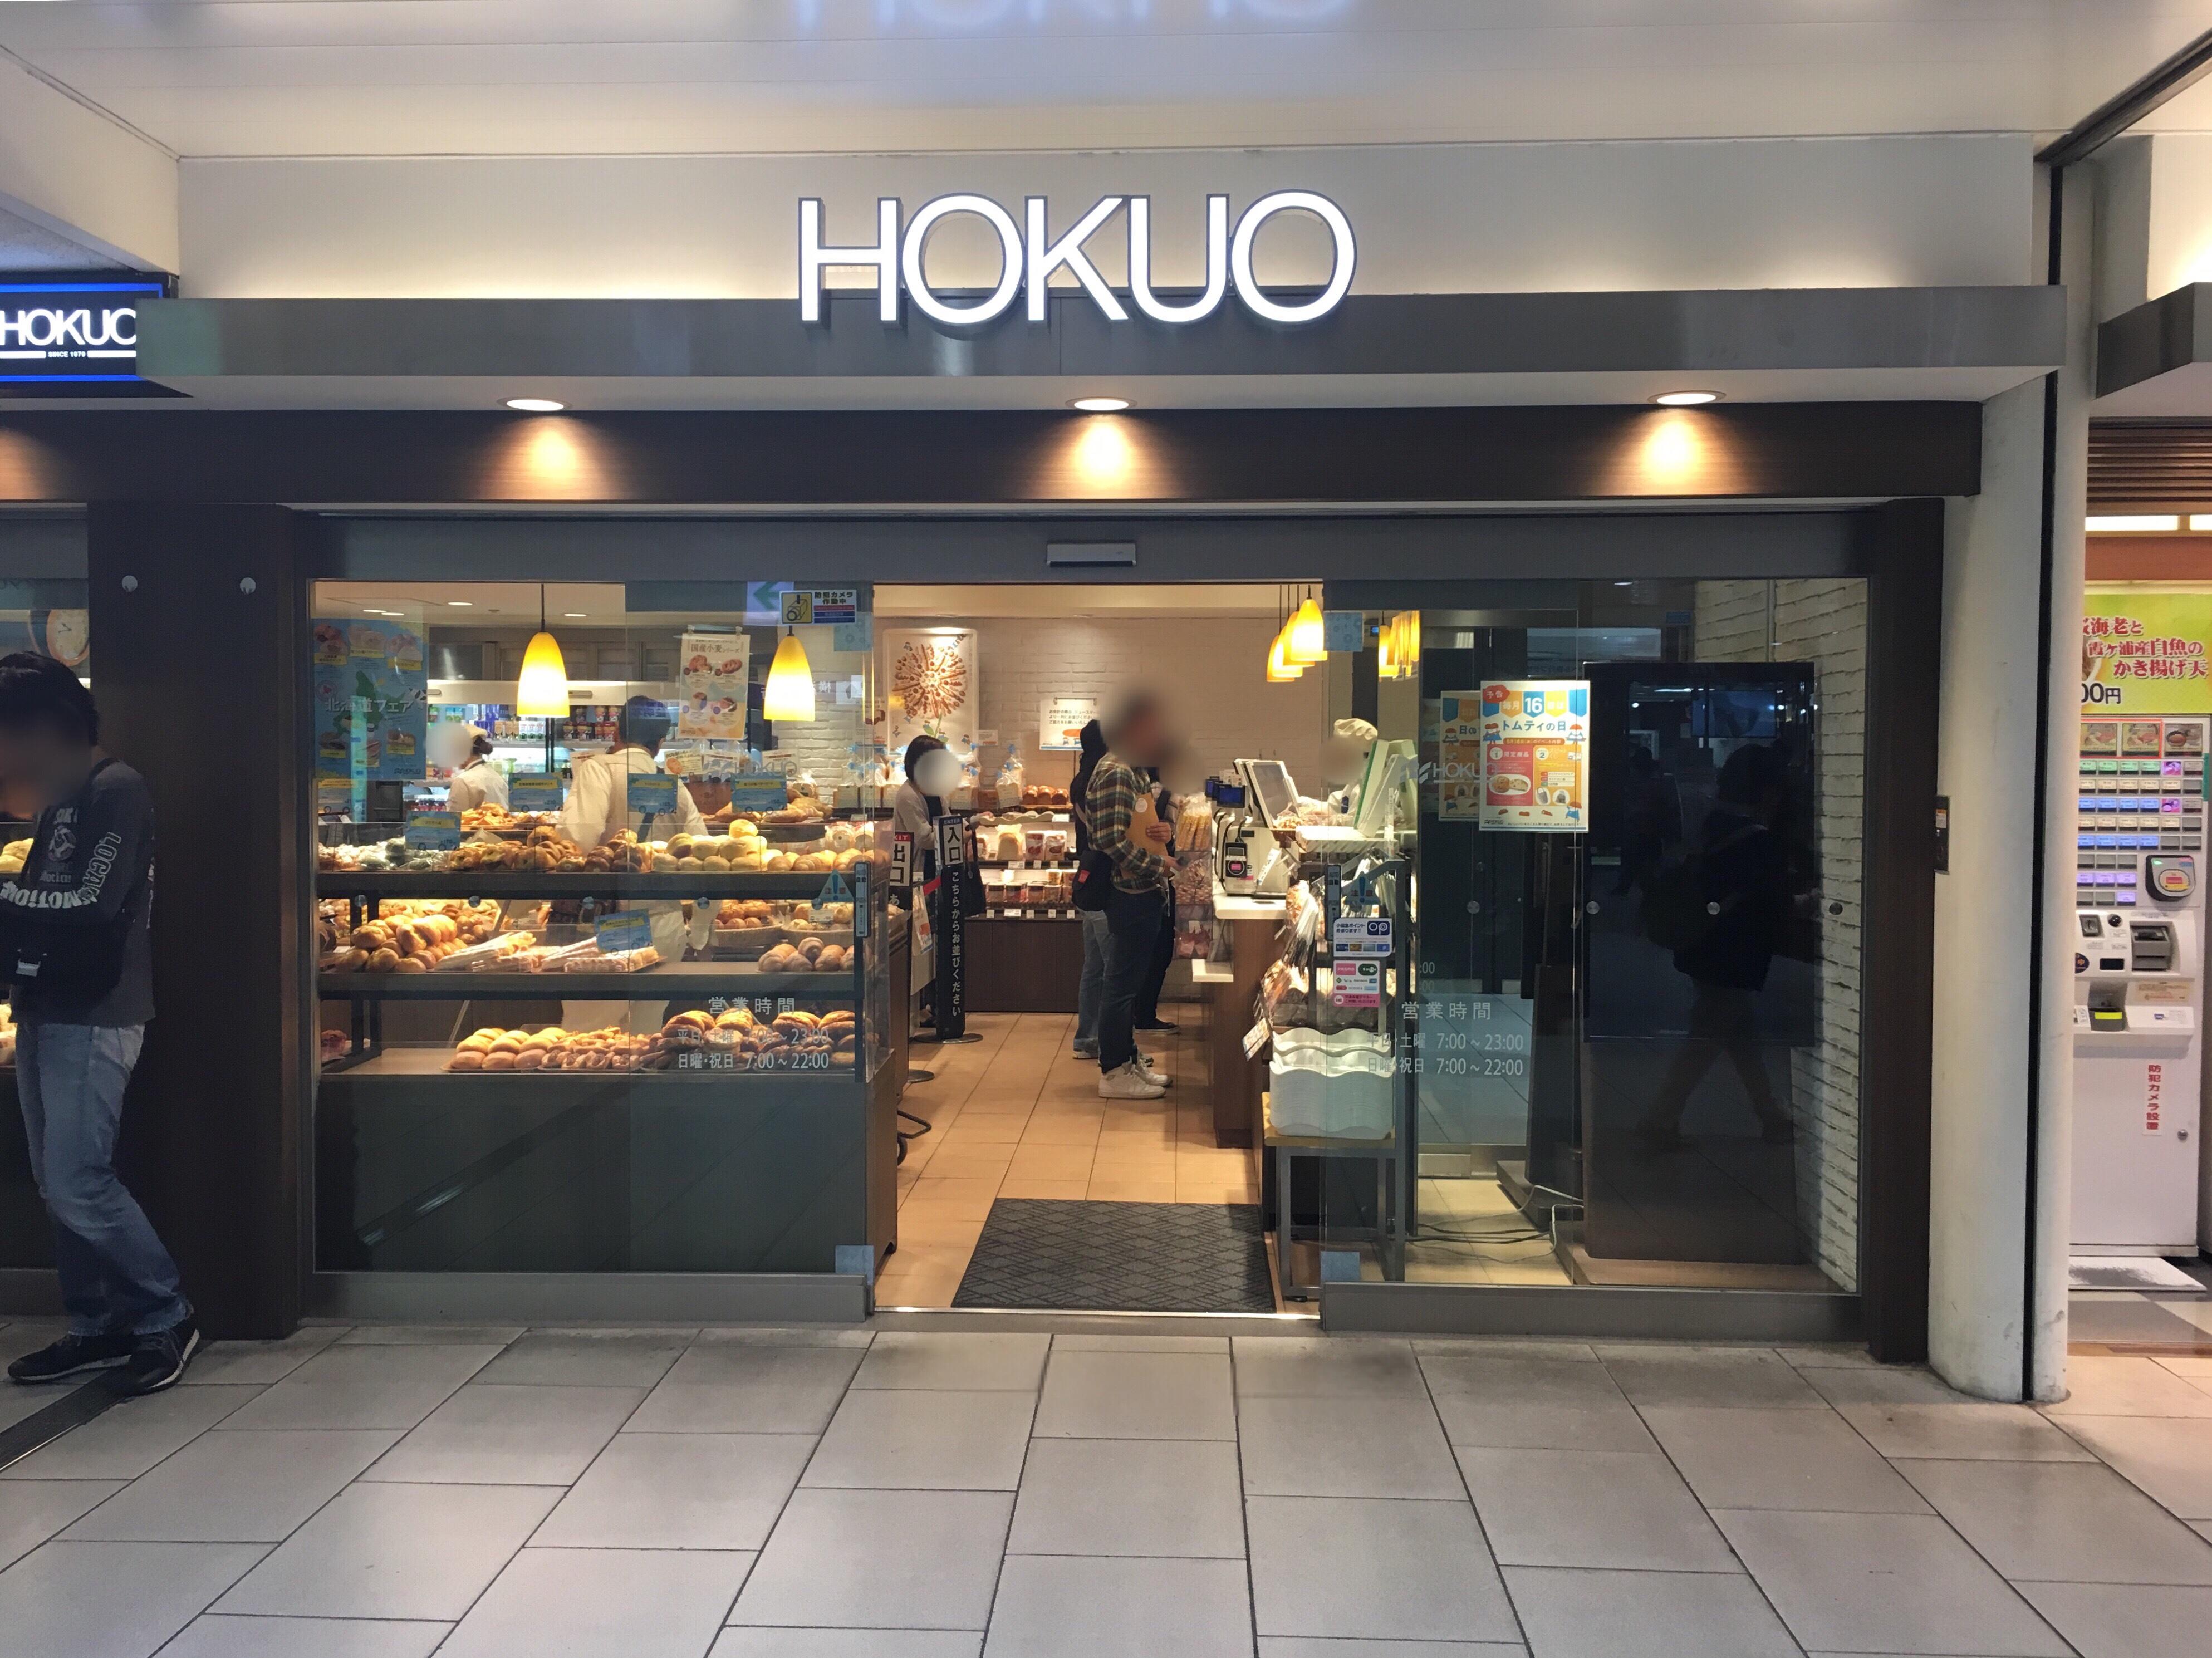 小田急線新宿駅の改札前にあるパン屋さん「HOKUO」のパンが ...